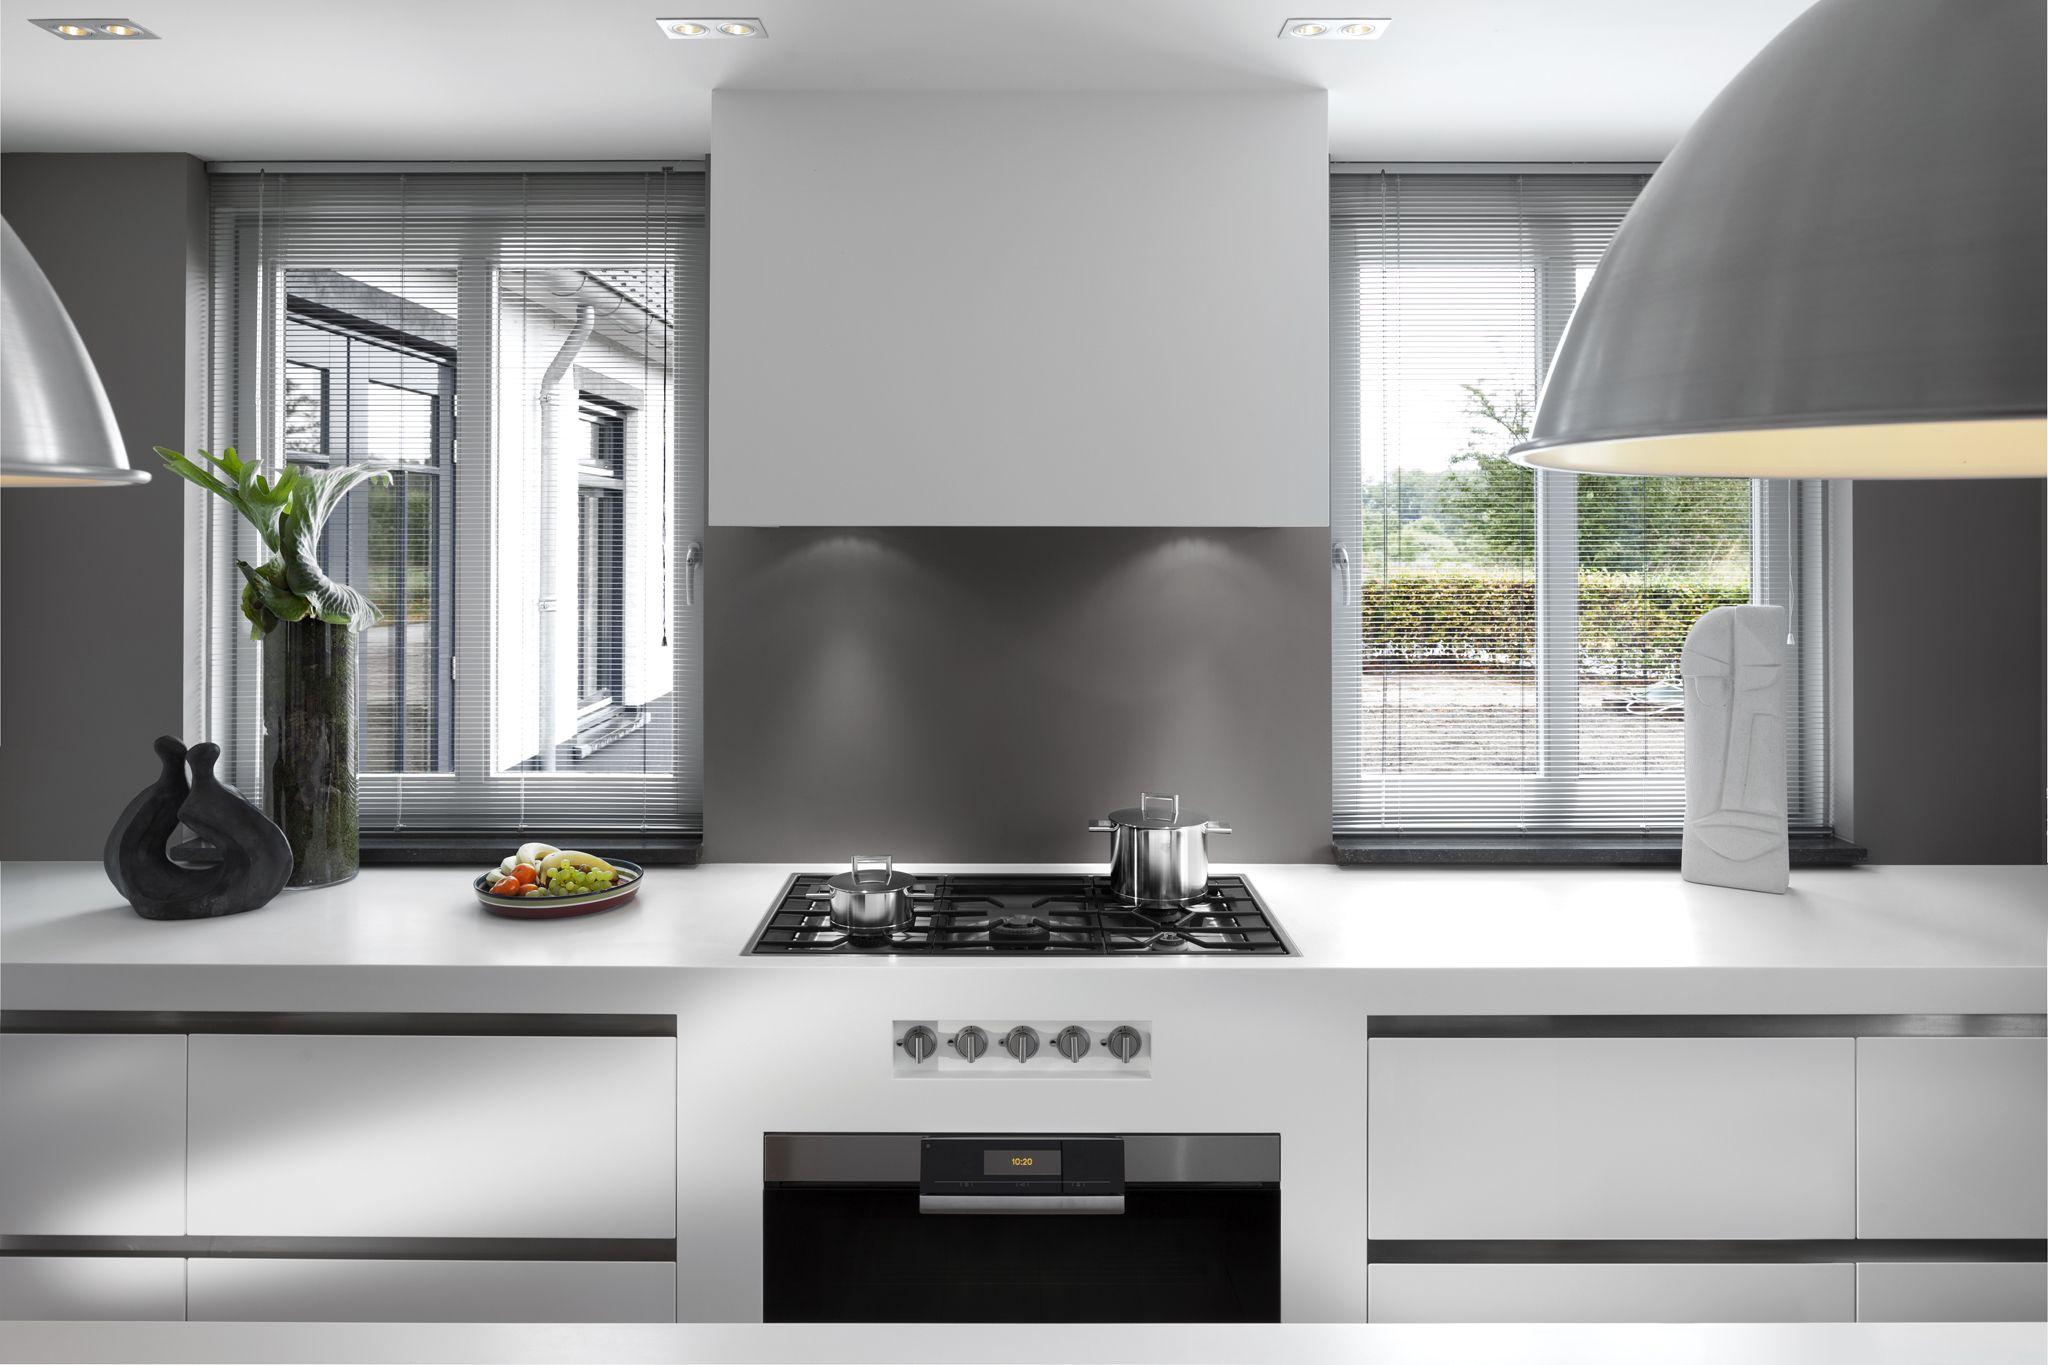 Keukens Den Bosch : Culimaat high end kitchens interiors italiaanse keukens en